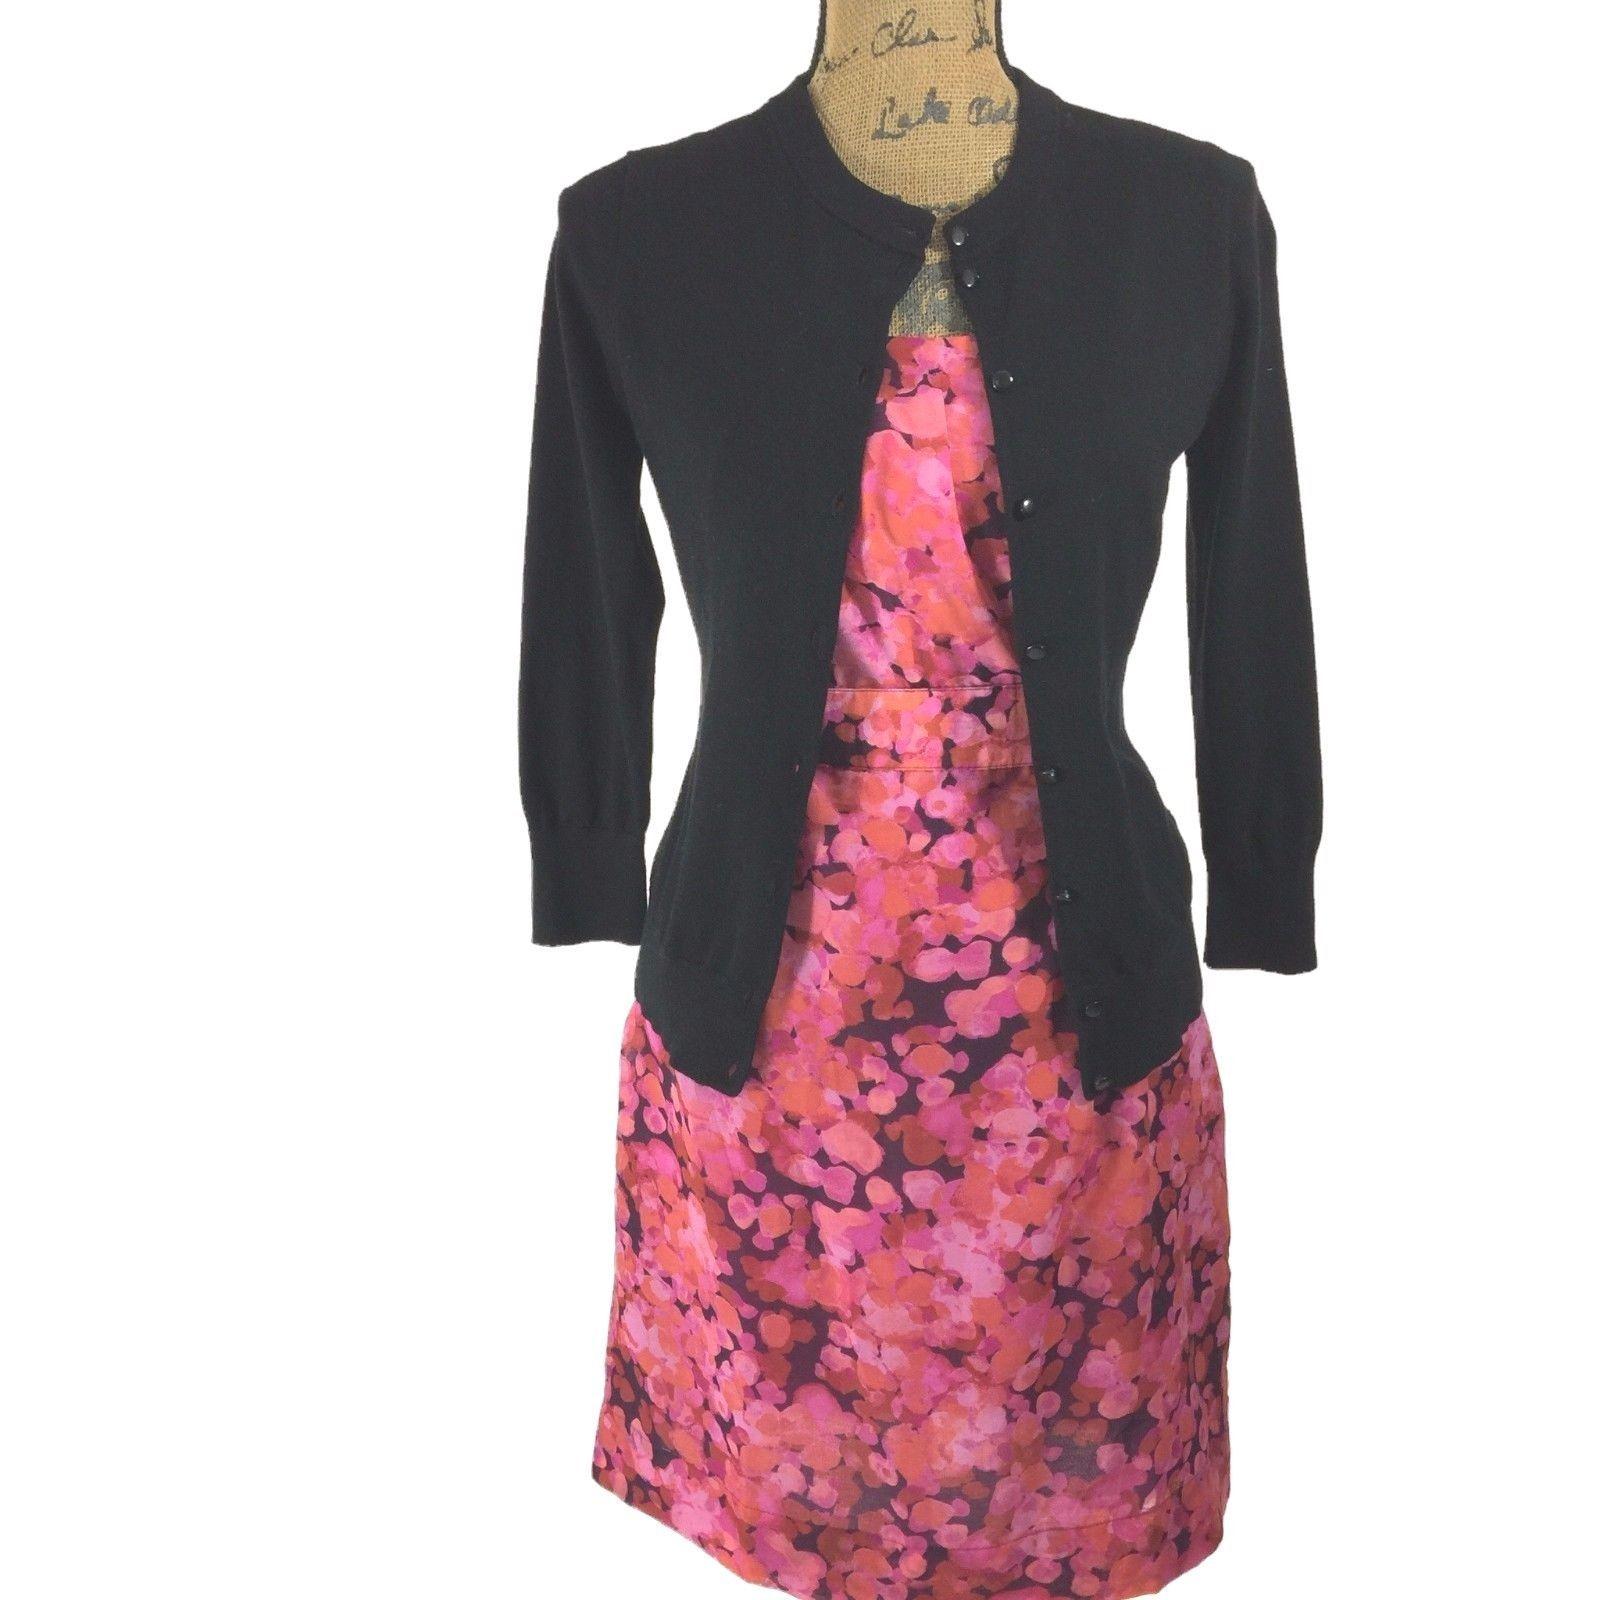 SET Ann Taylor LOFT Dress J.Crew Clare Cardigan Sweater Pink Purple Black 2 S LN